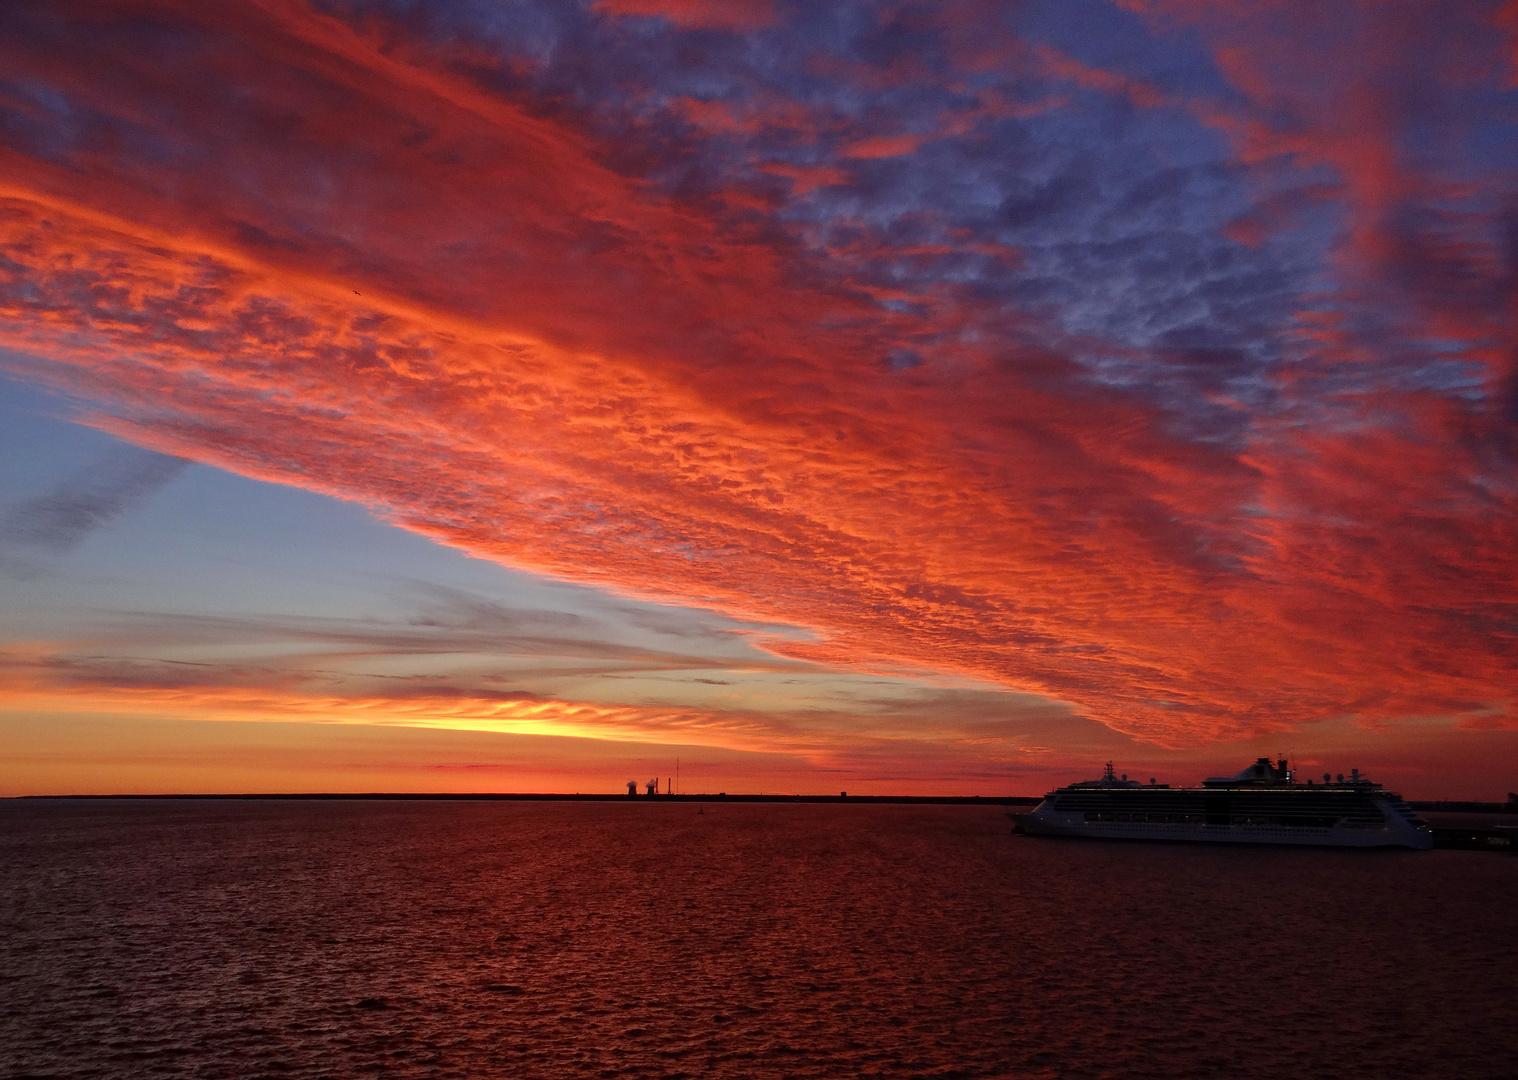 Serenade of the Seas in St. Petersburg